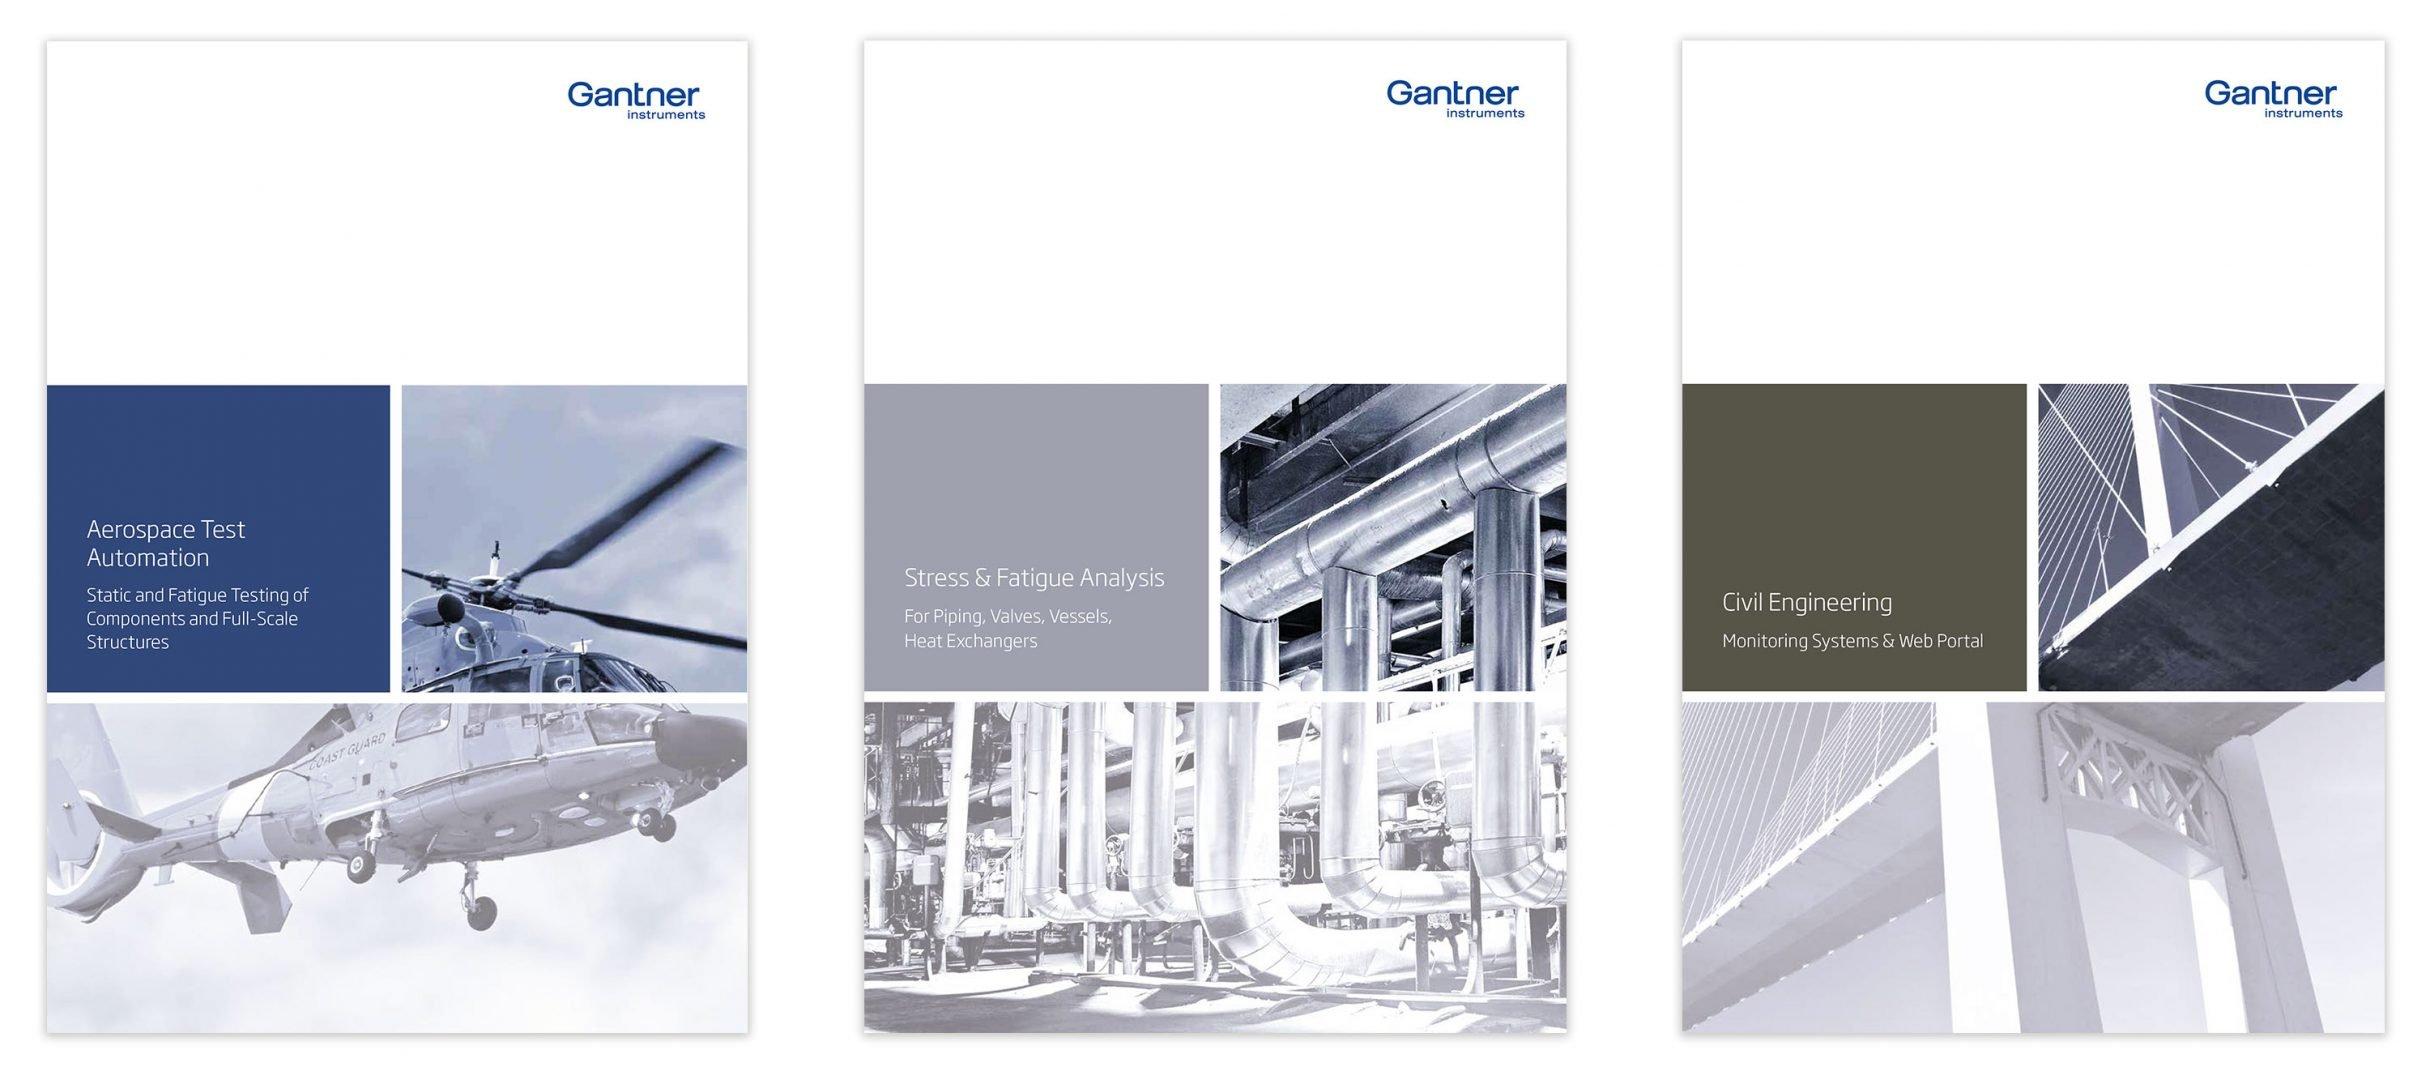 Flyer, Geschäftsausstattung für Gantner Instruments: DIE NEUDENKER® Agentur, Darmstadt